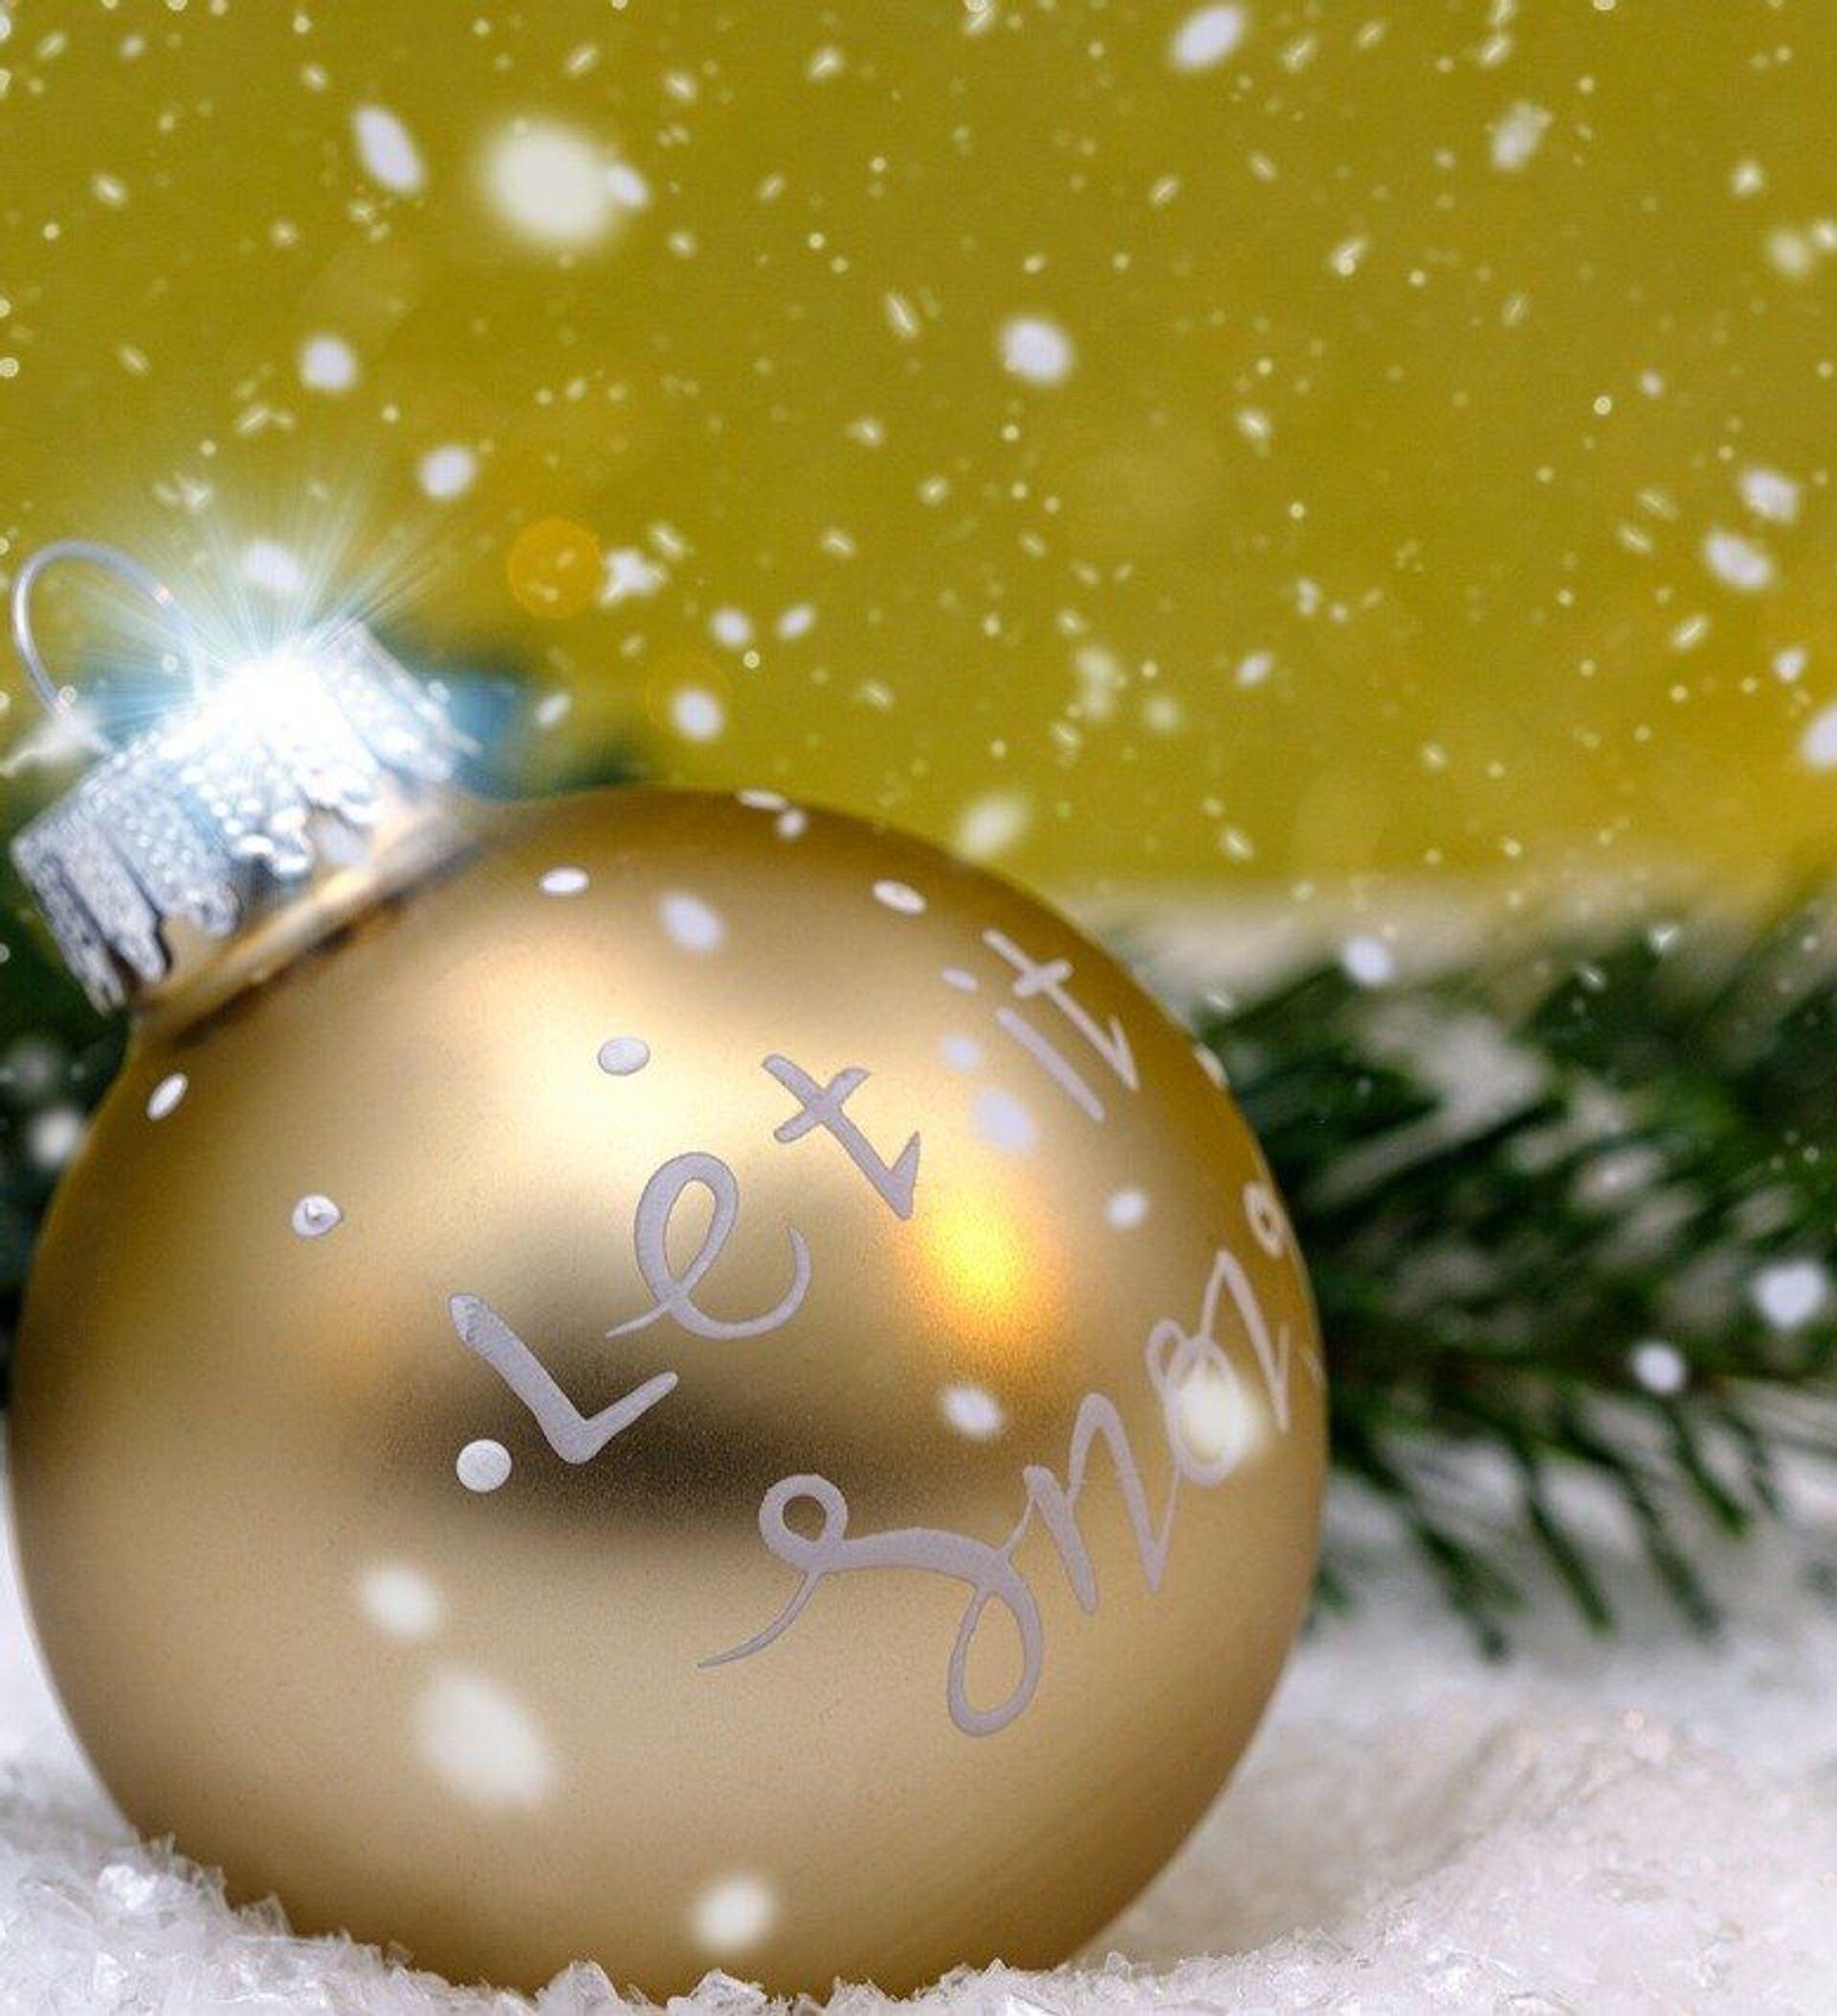 Auguri Di Buon Natale A Lei E Famiglia.Gli Auguri Di Natale Da Twitter Anche A Te E Famiglia Ma Qualcuno L Ha Presa Male 25 12 2019 Sputnik Italia